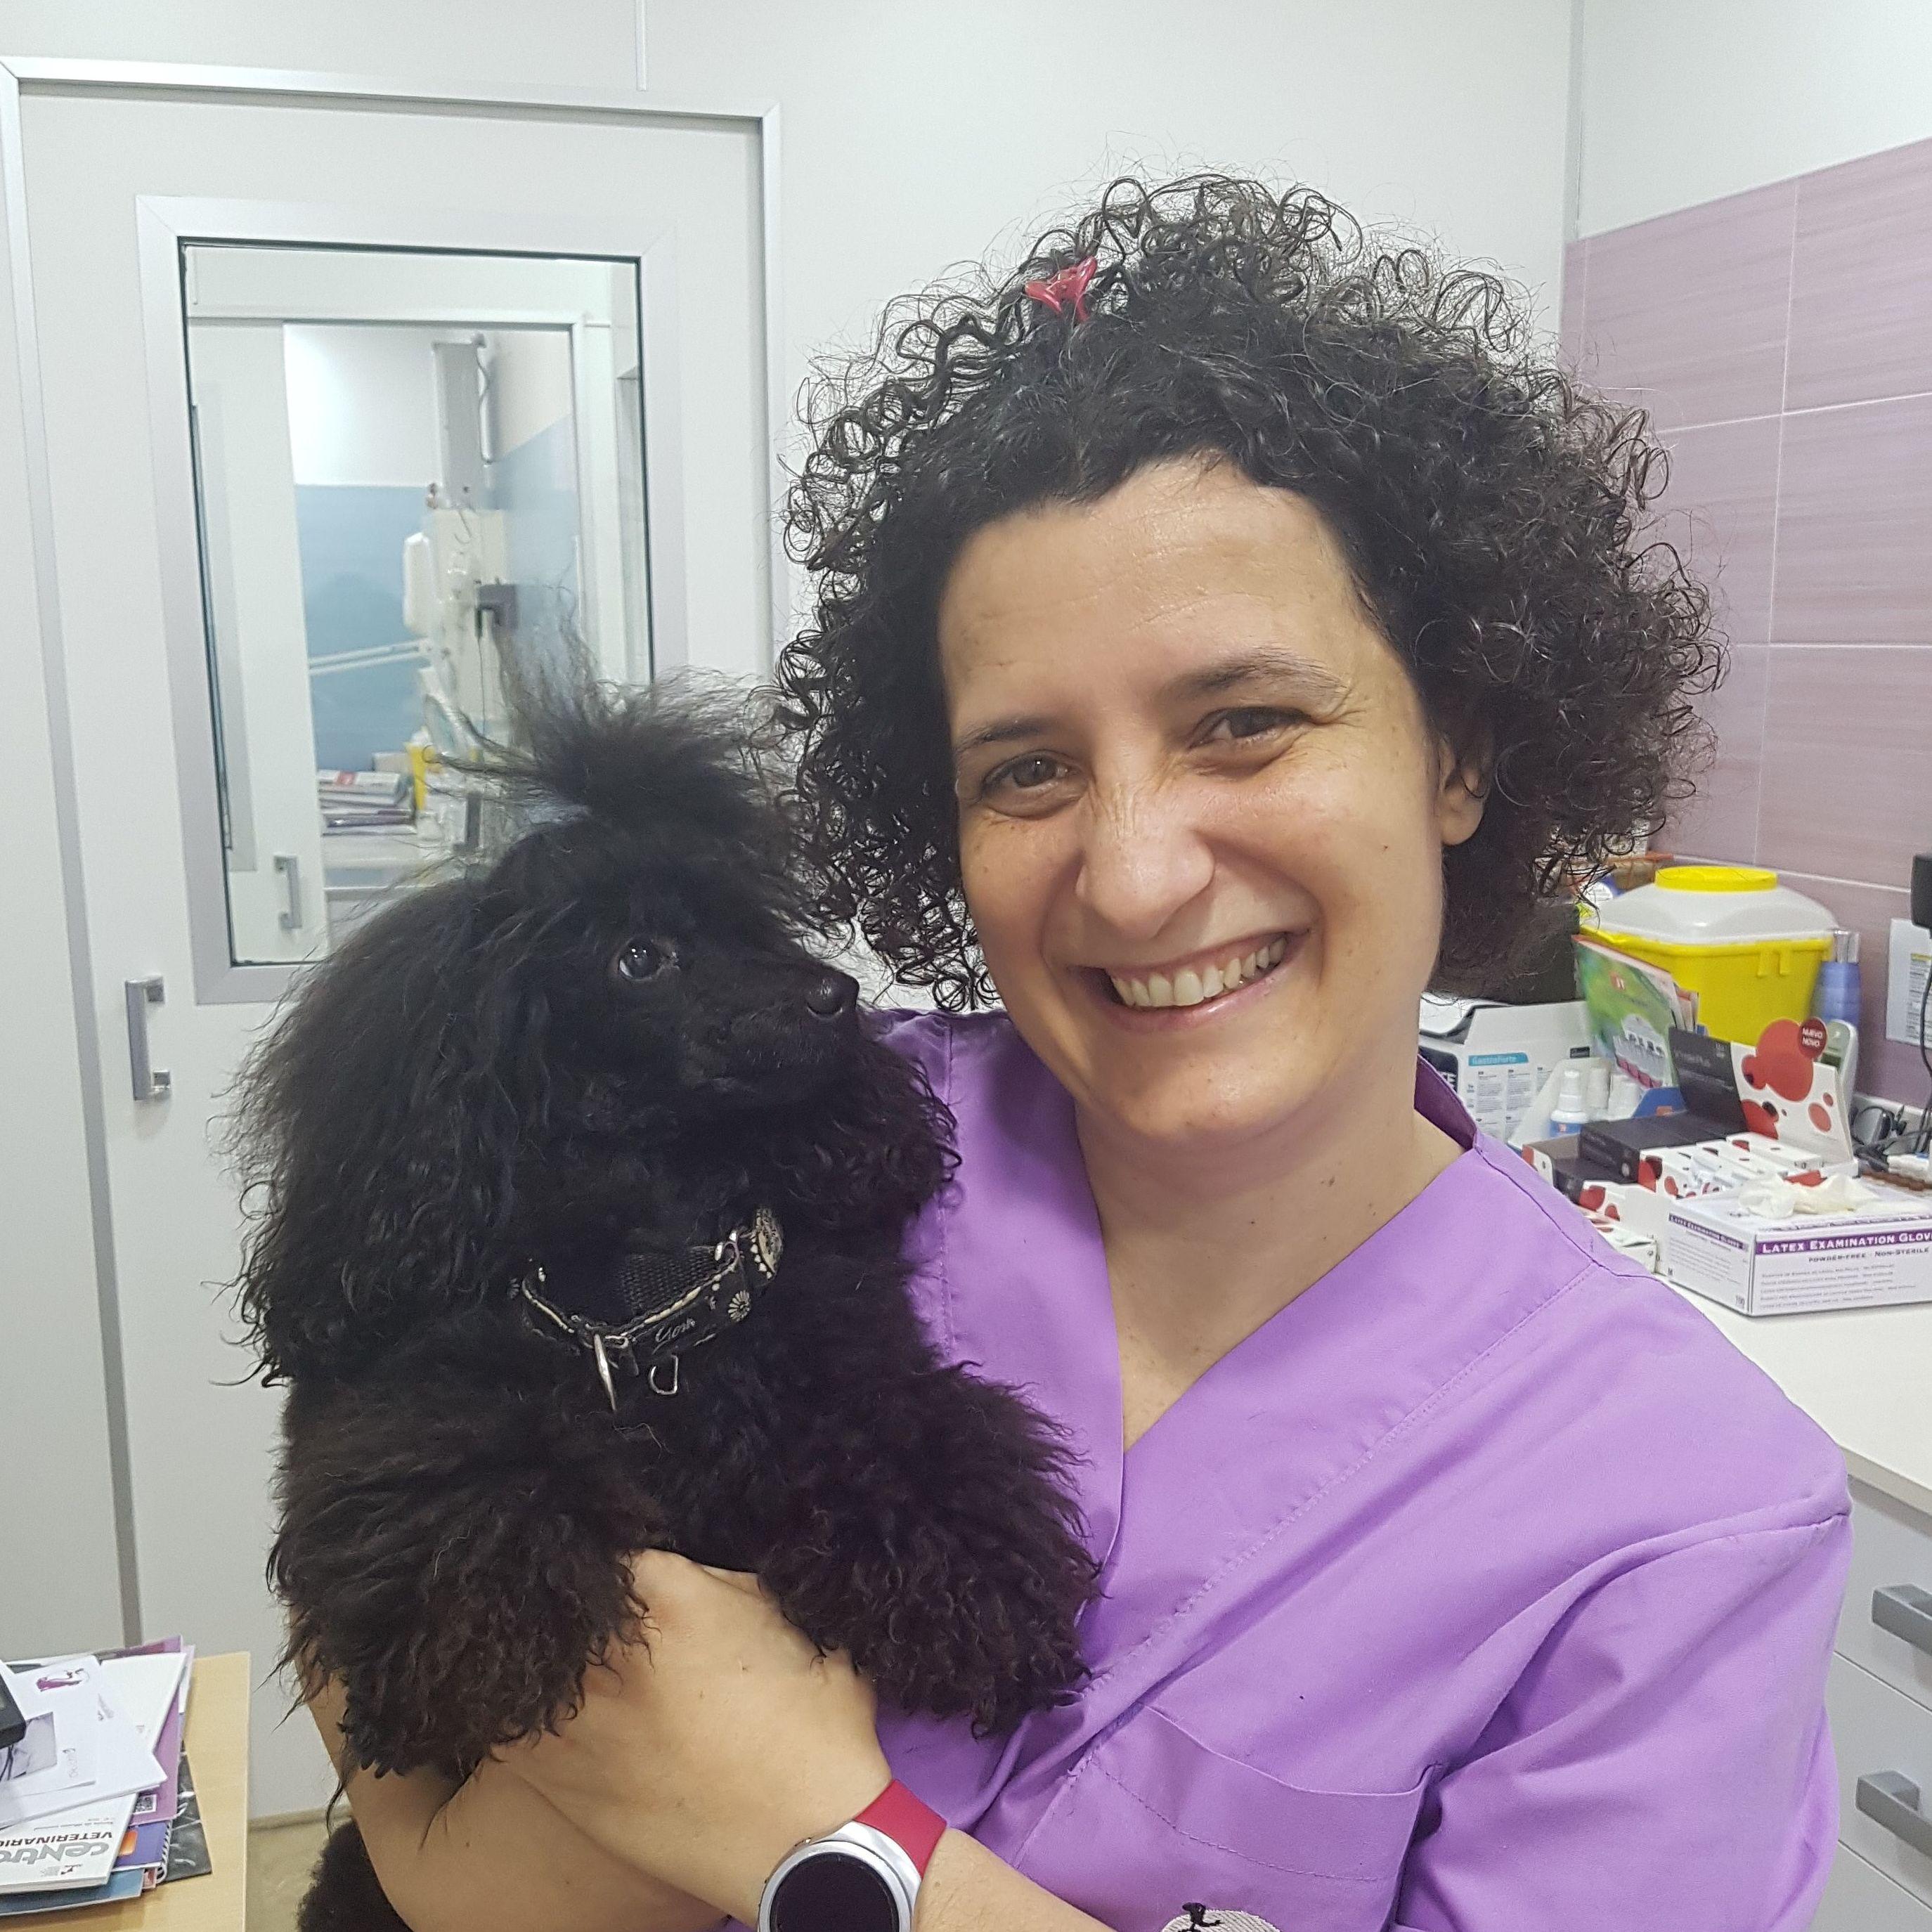 Cuando la veterinaria se parece a sus pacientes